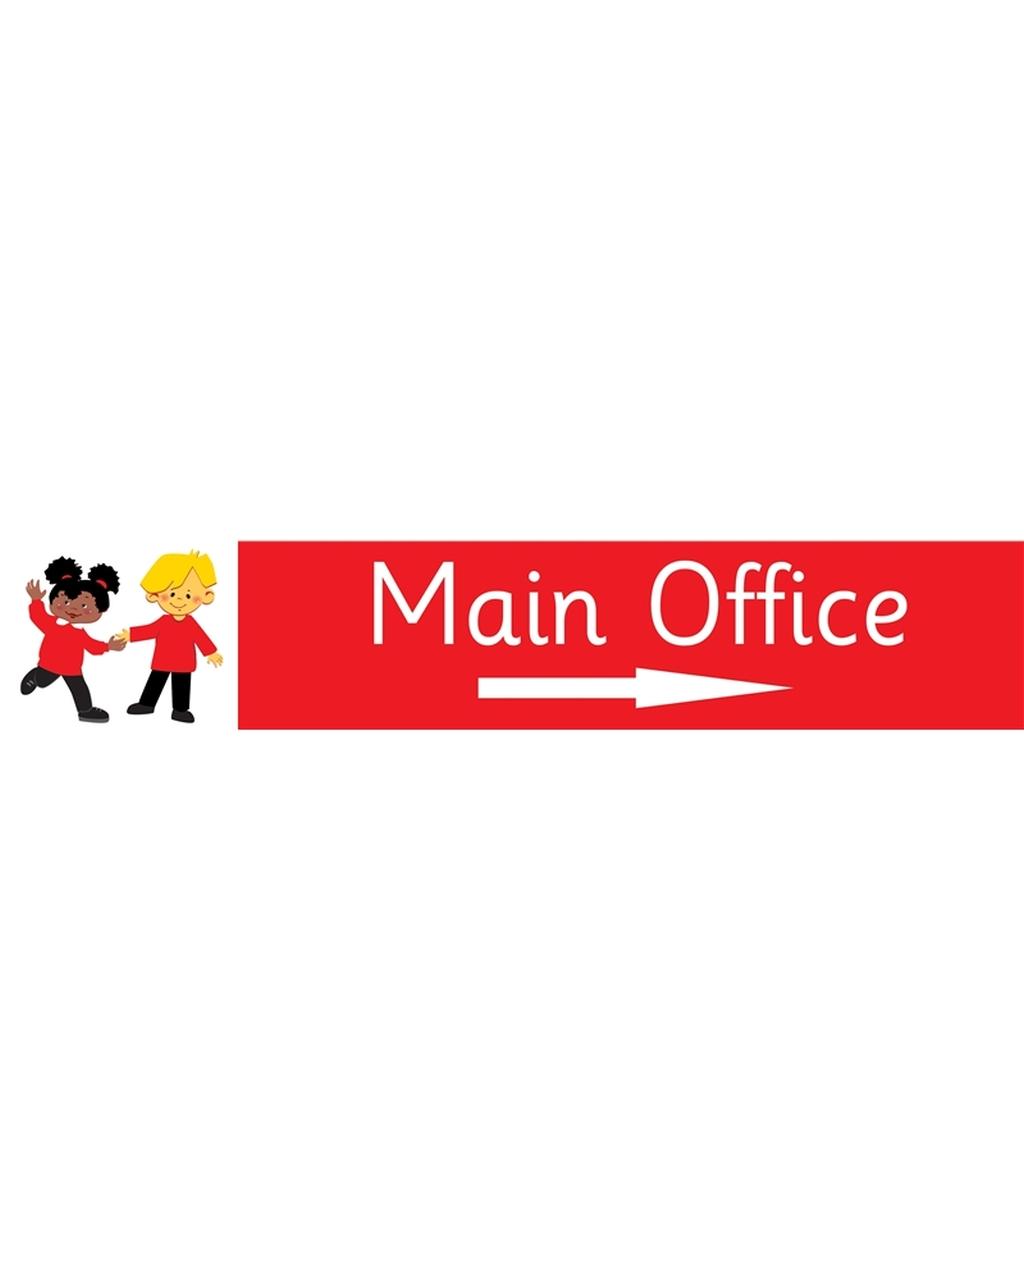 Main Office Right Arrow Sign Dark Blue